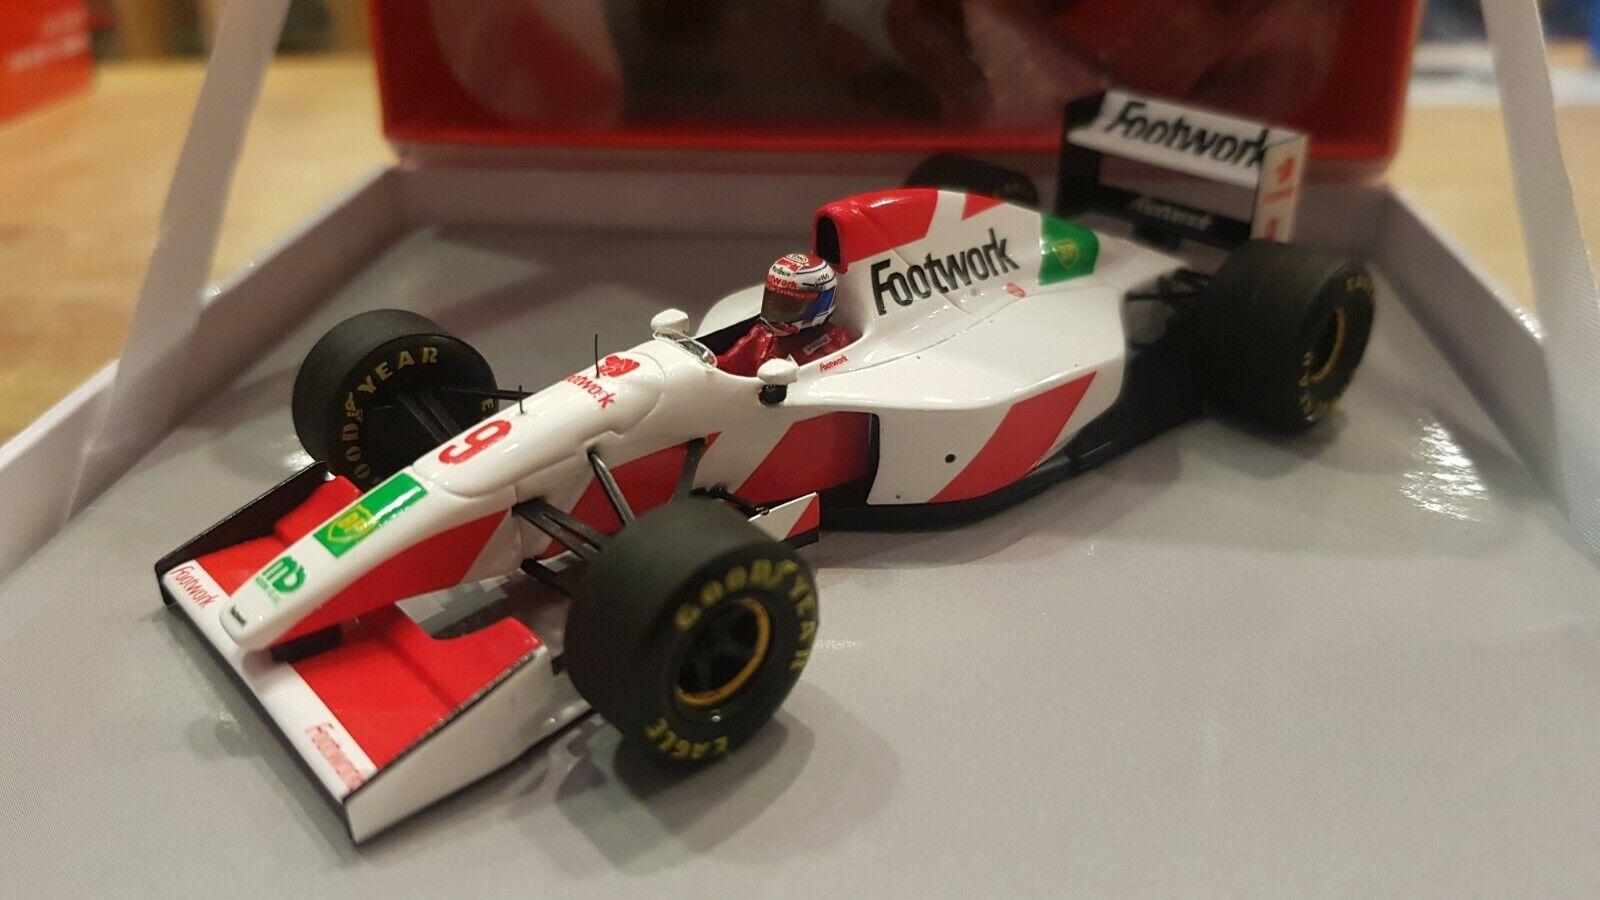 1 43 Footwork Mugen FA14, Jos Verstappen - 1993, GP World edition